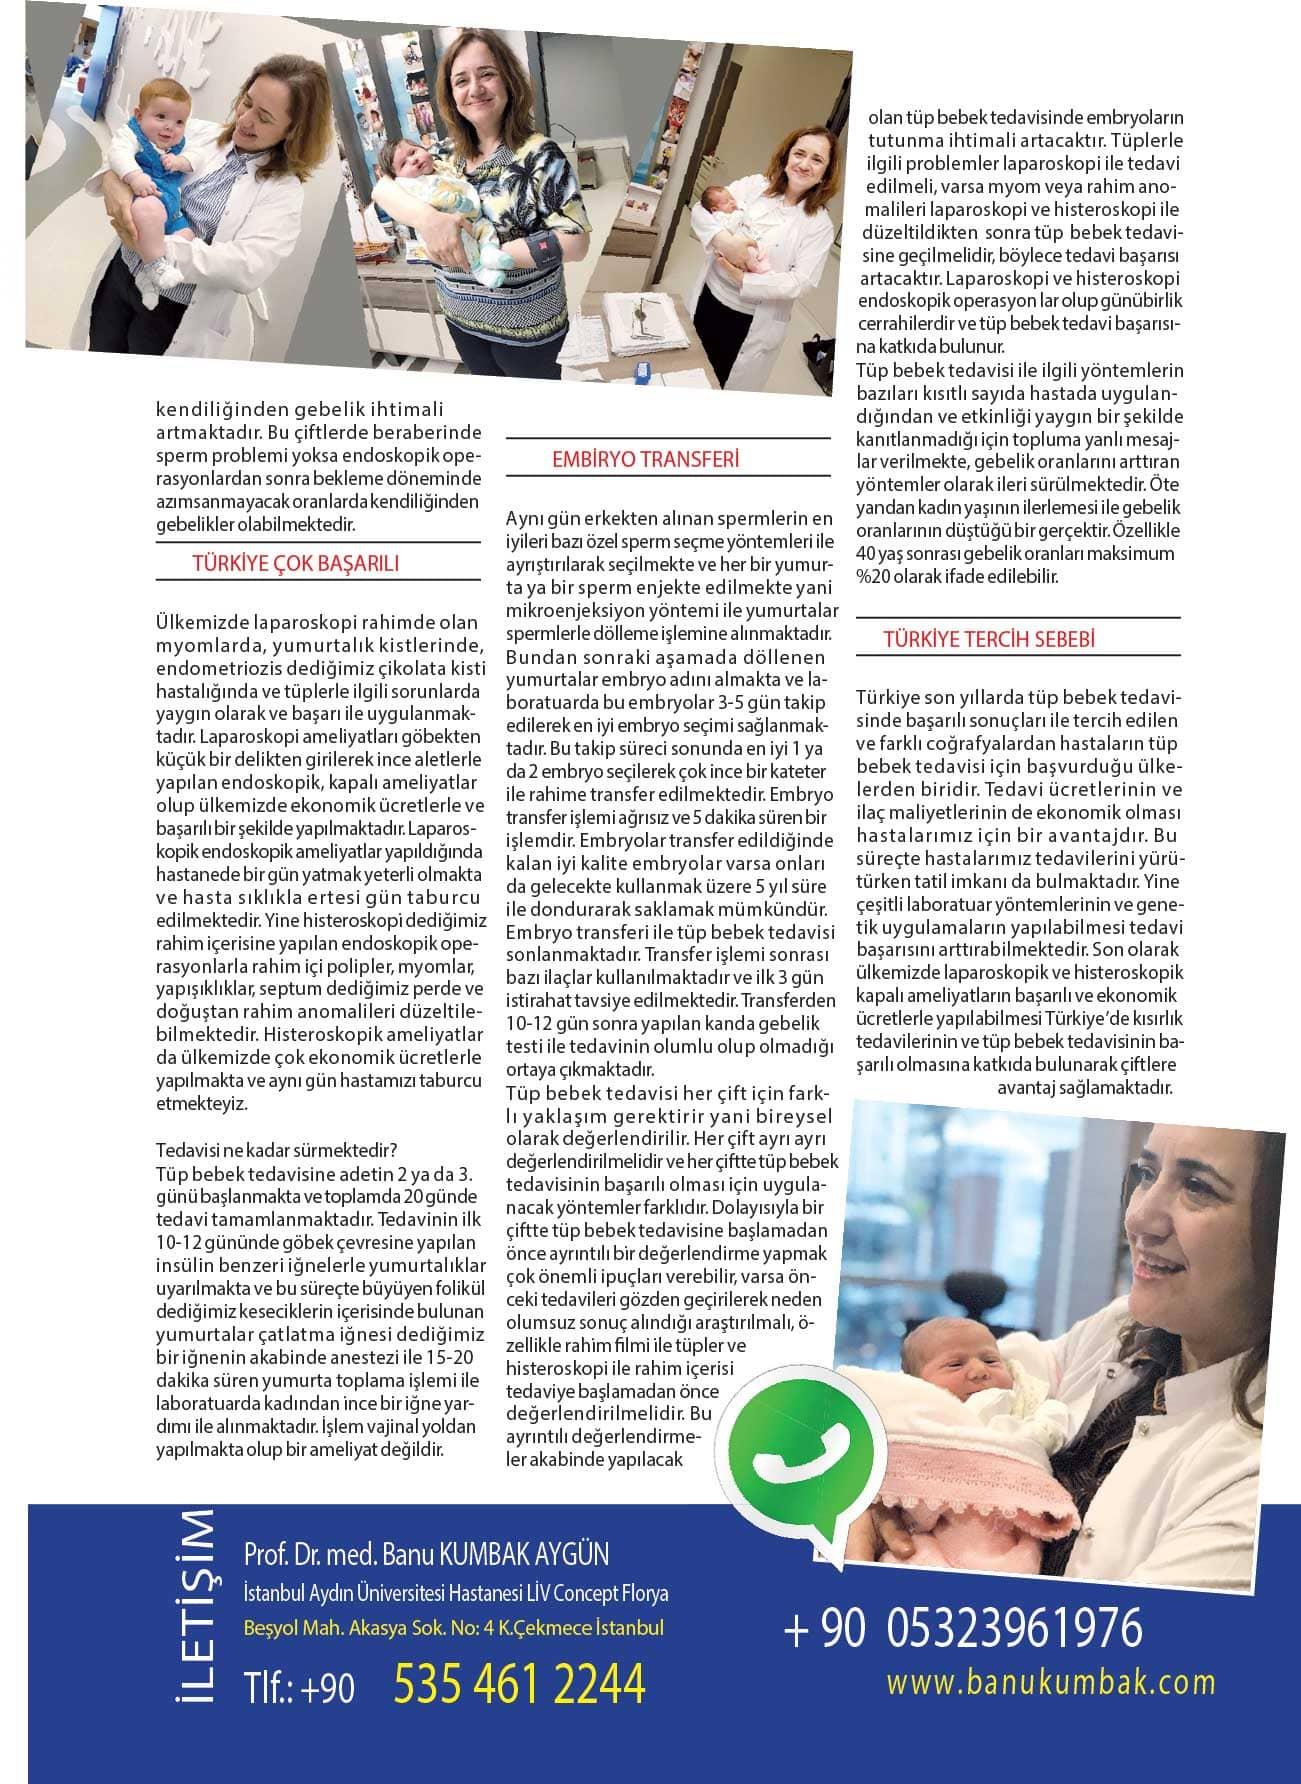 Avrupa Sağlık Dergisi-Türkiye (Kısırlık Tedavisi, Laparoskopi ve Histeroskopi Ameliyatlarında) Neden Tercih Ediliyor? -Nisan - 2018 3